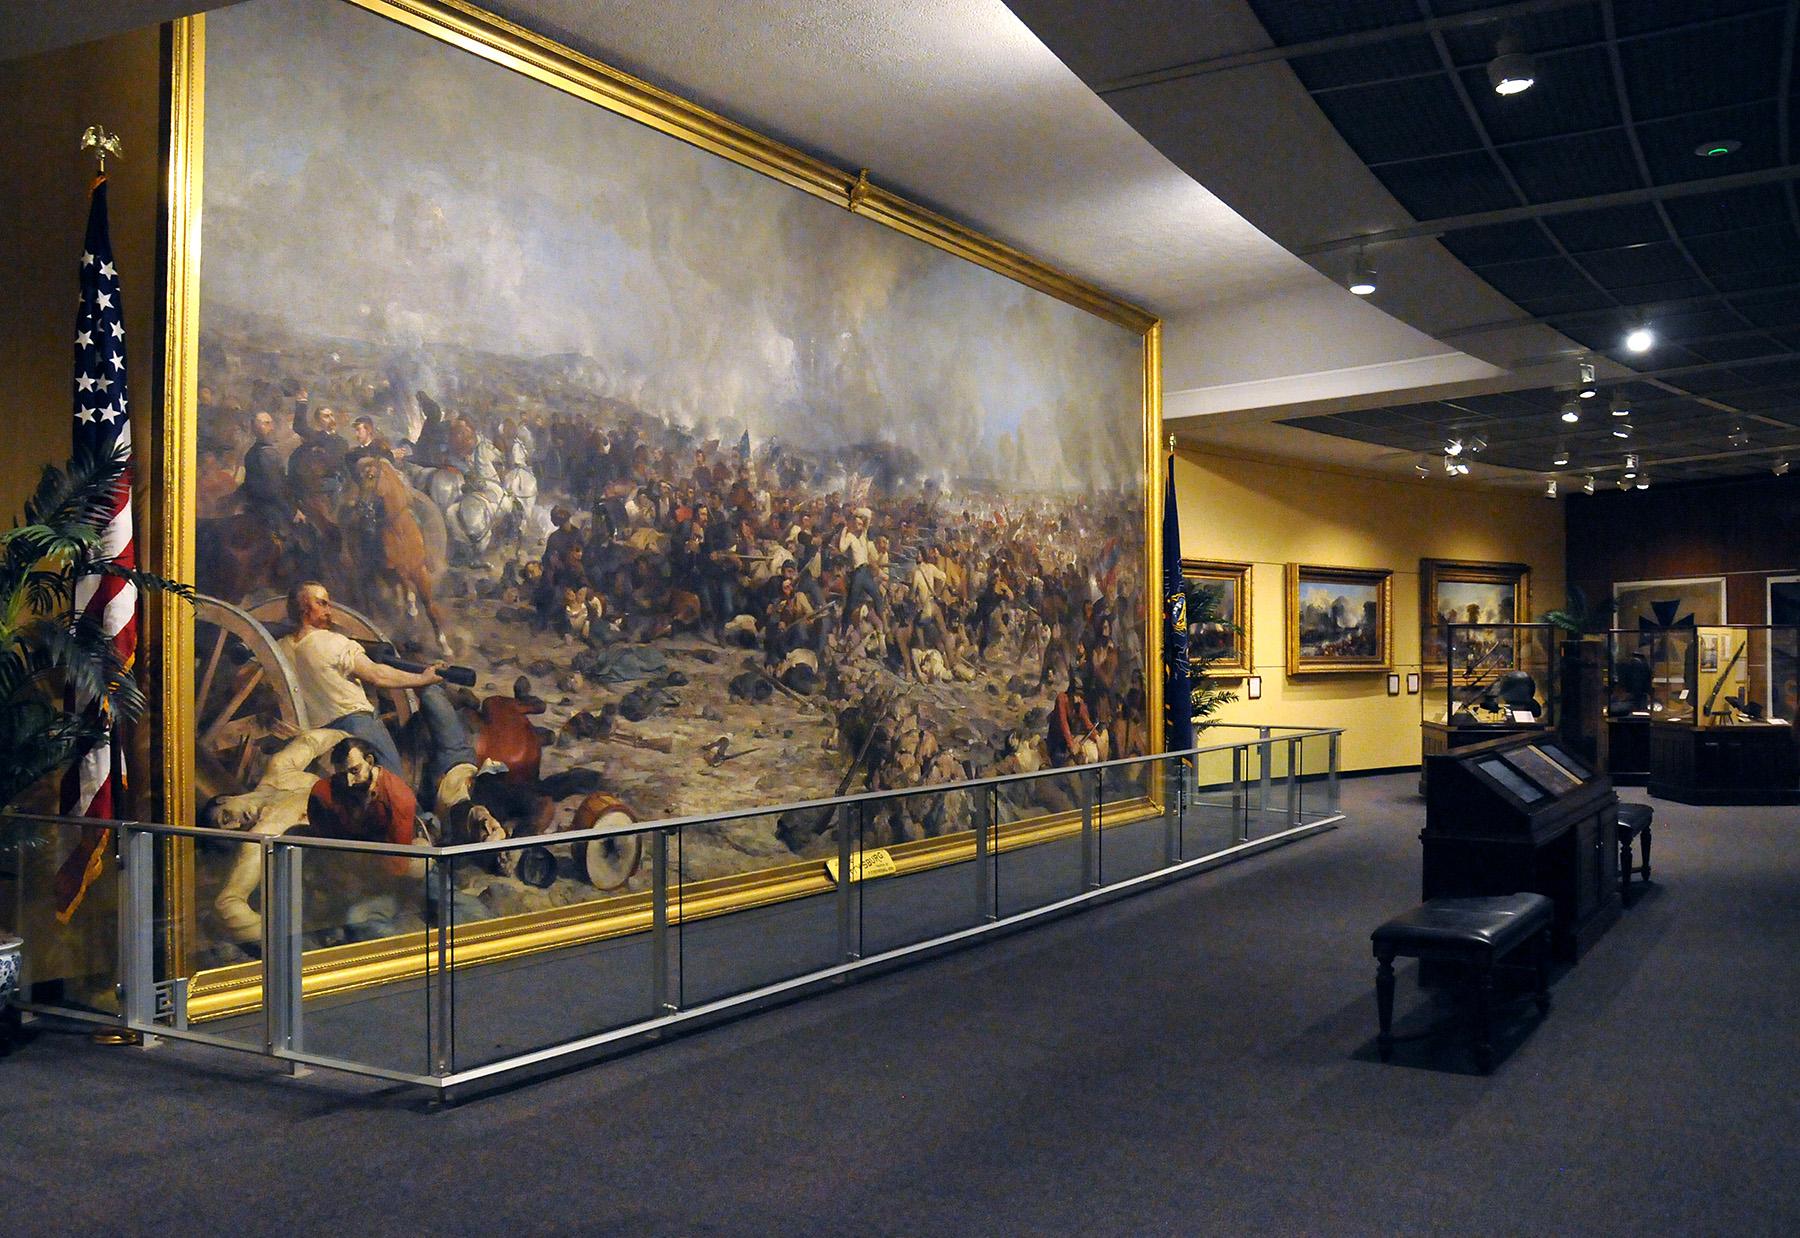 The Civil War mural at the State Museum of Pennsylvania in Harrisburg.